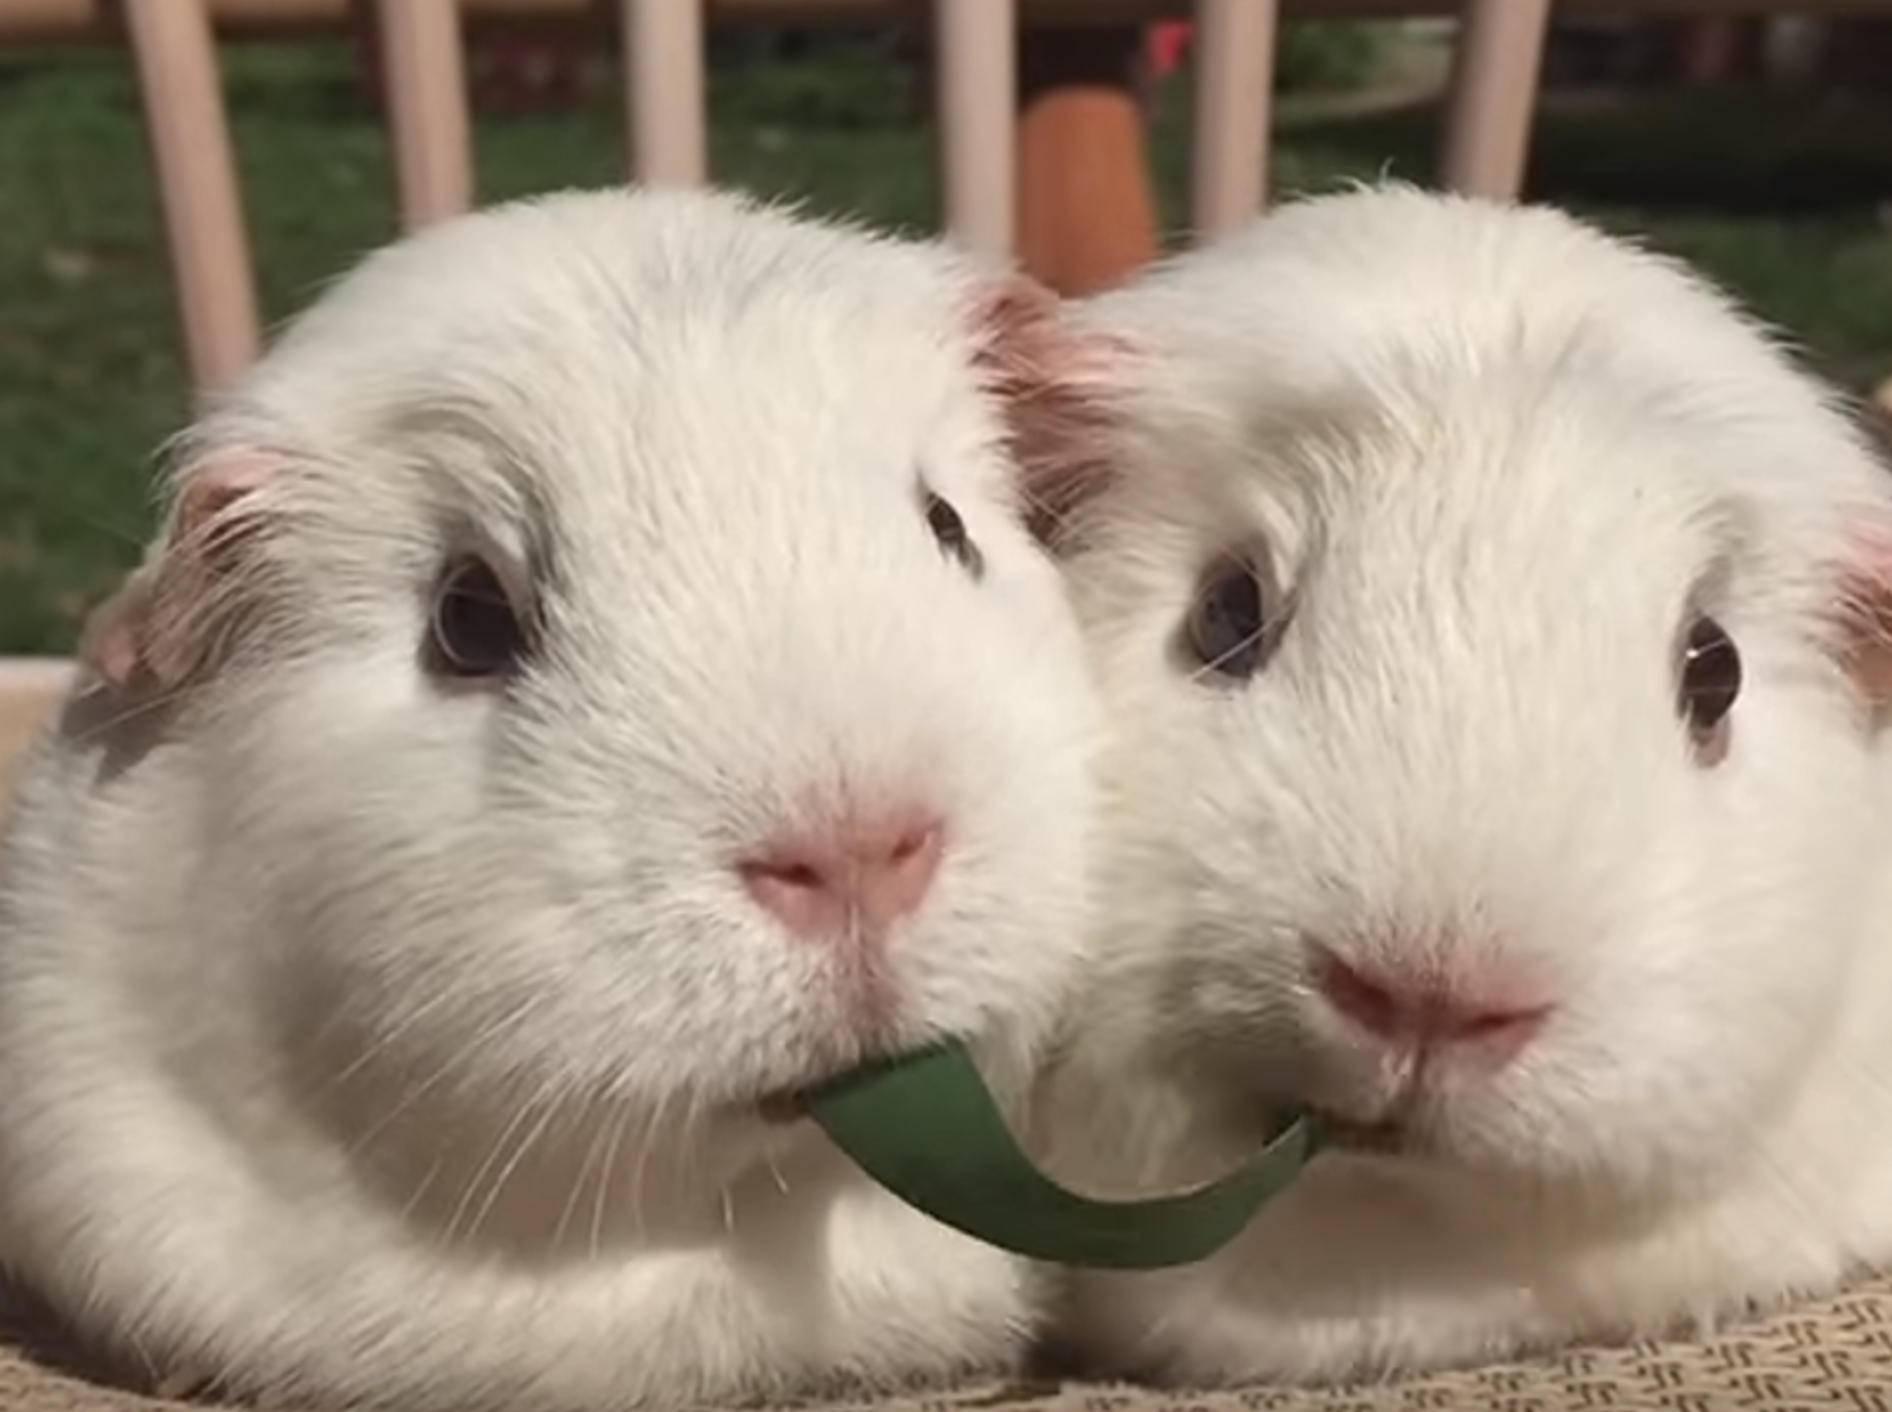 """Meerschweinchen ahmen """"Susi & Strolch""""-Szene nach – Bild: YouTube / The Pet Collective"""